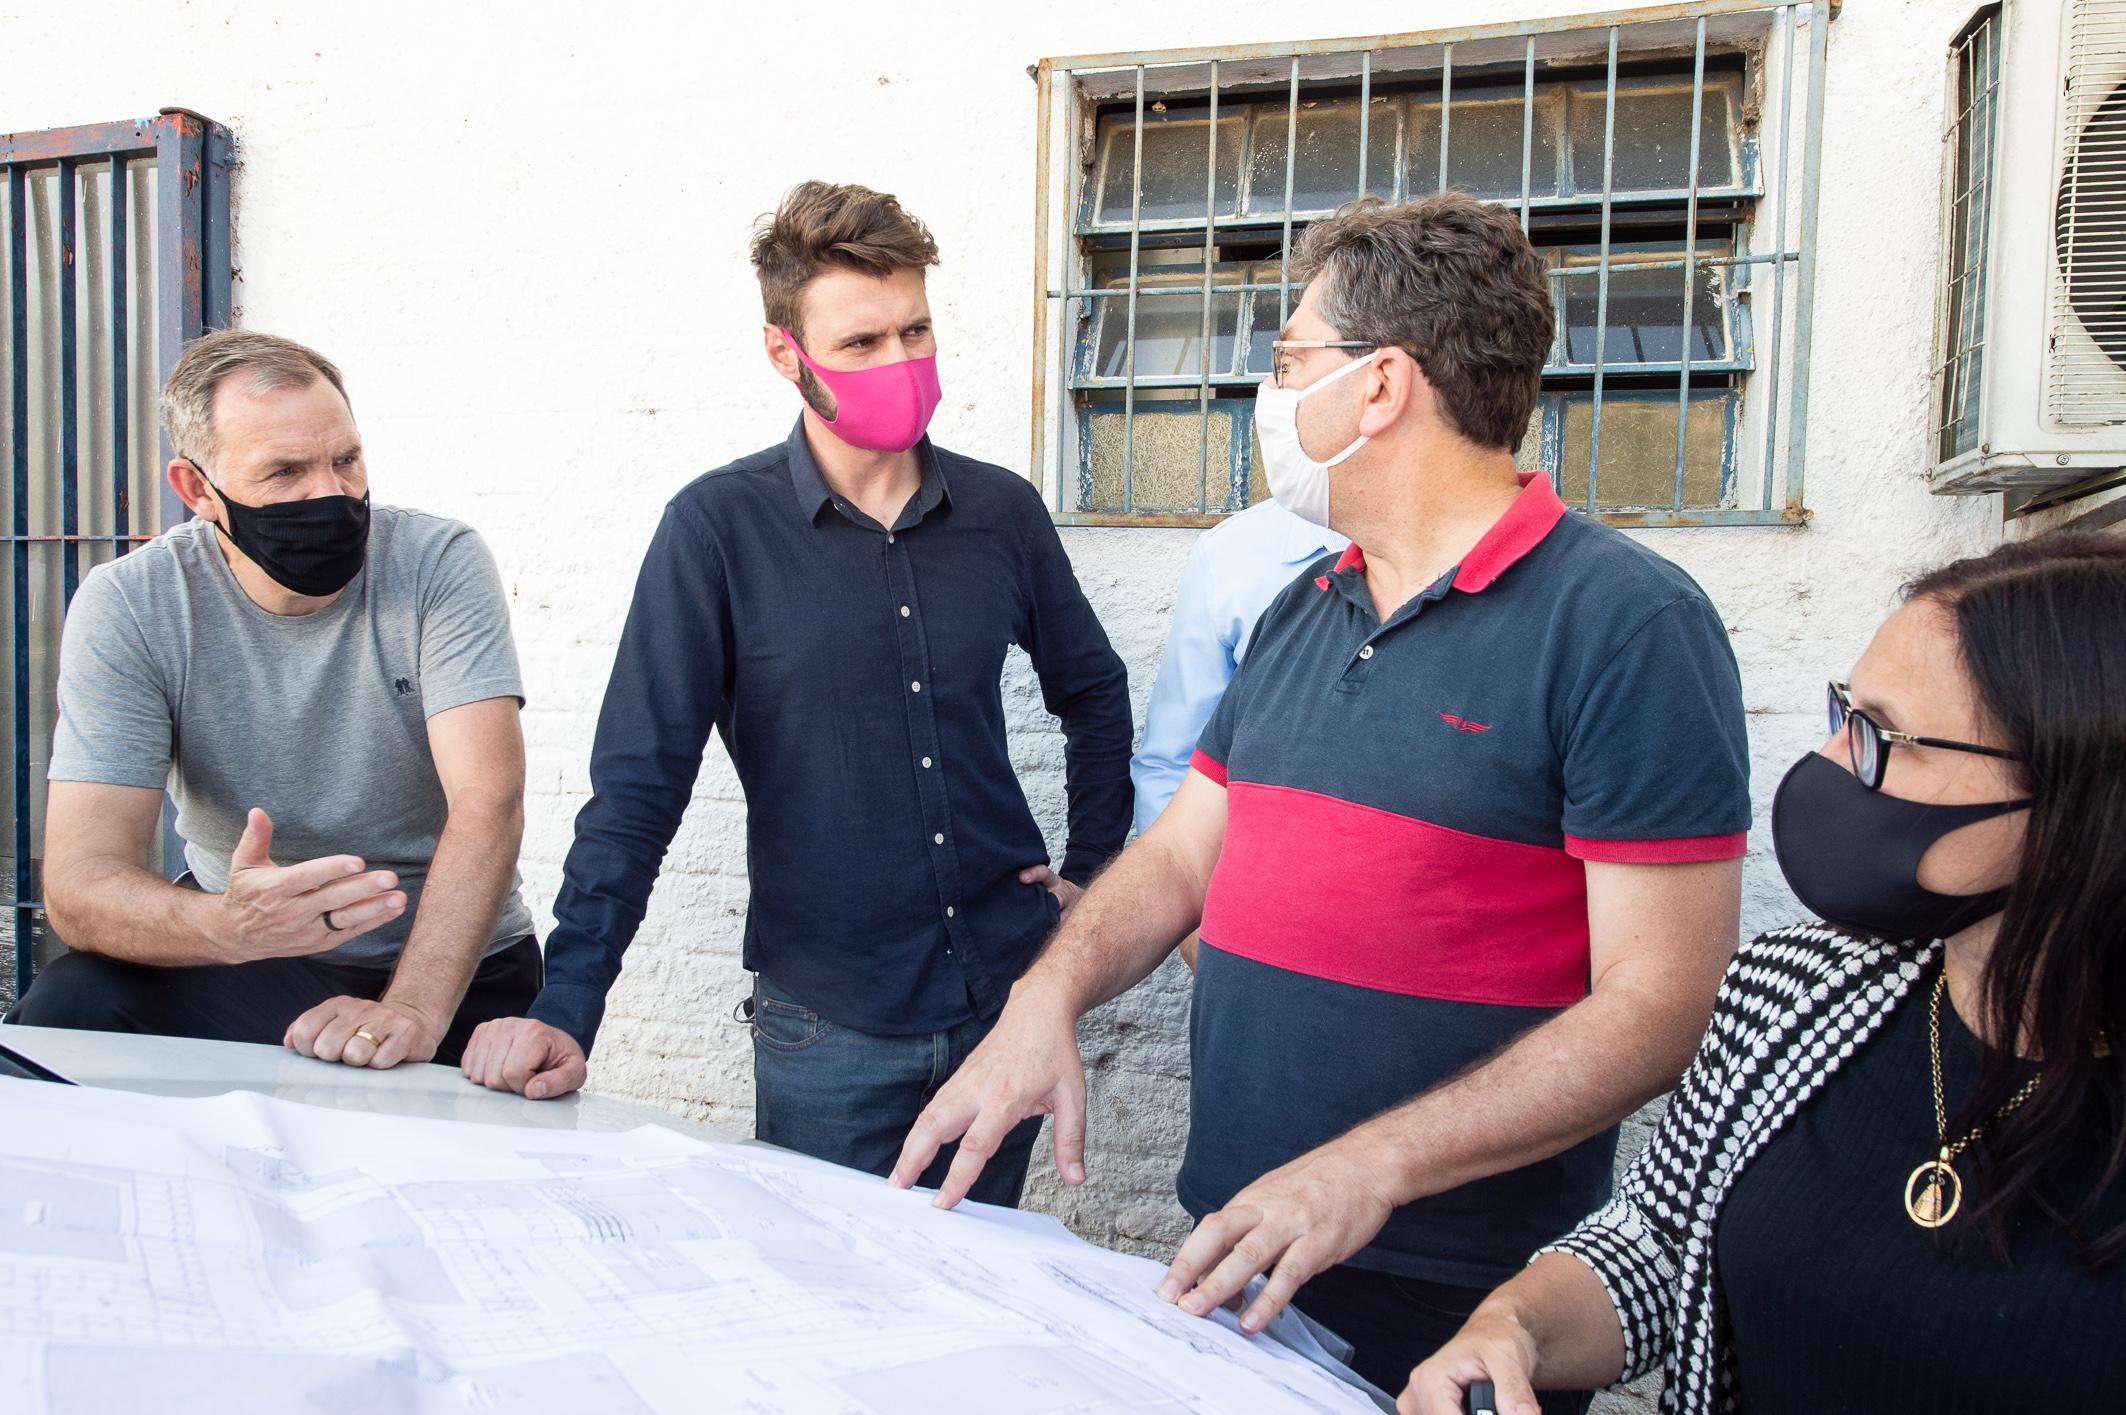 Representantes do Executivo mostraram projeto arquitetônico a Jessé Sangalli (c) e Cláudia Araújo